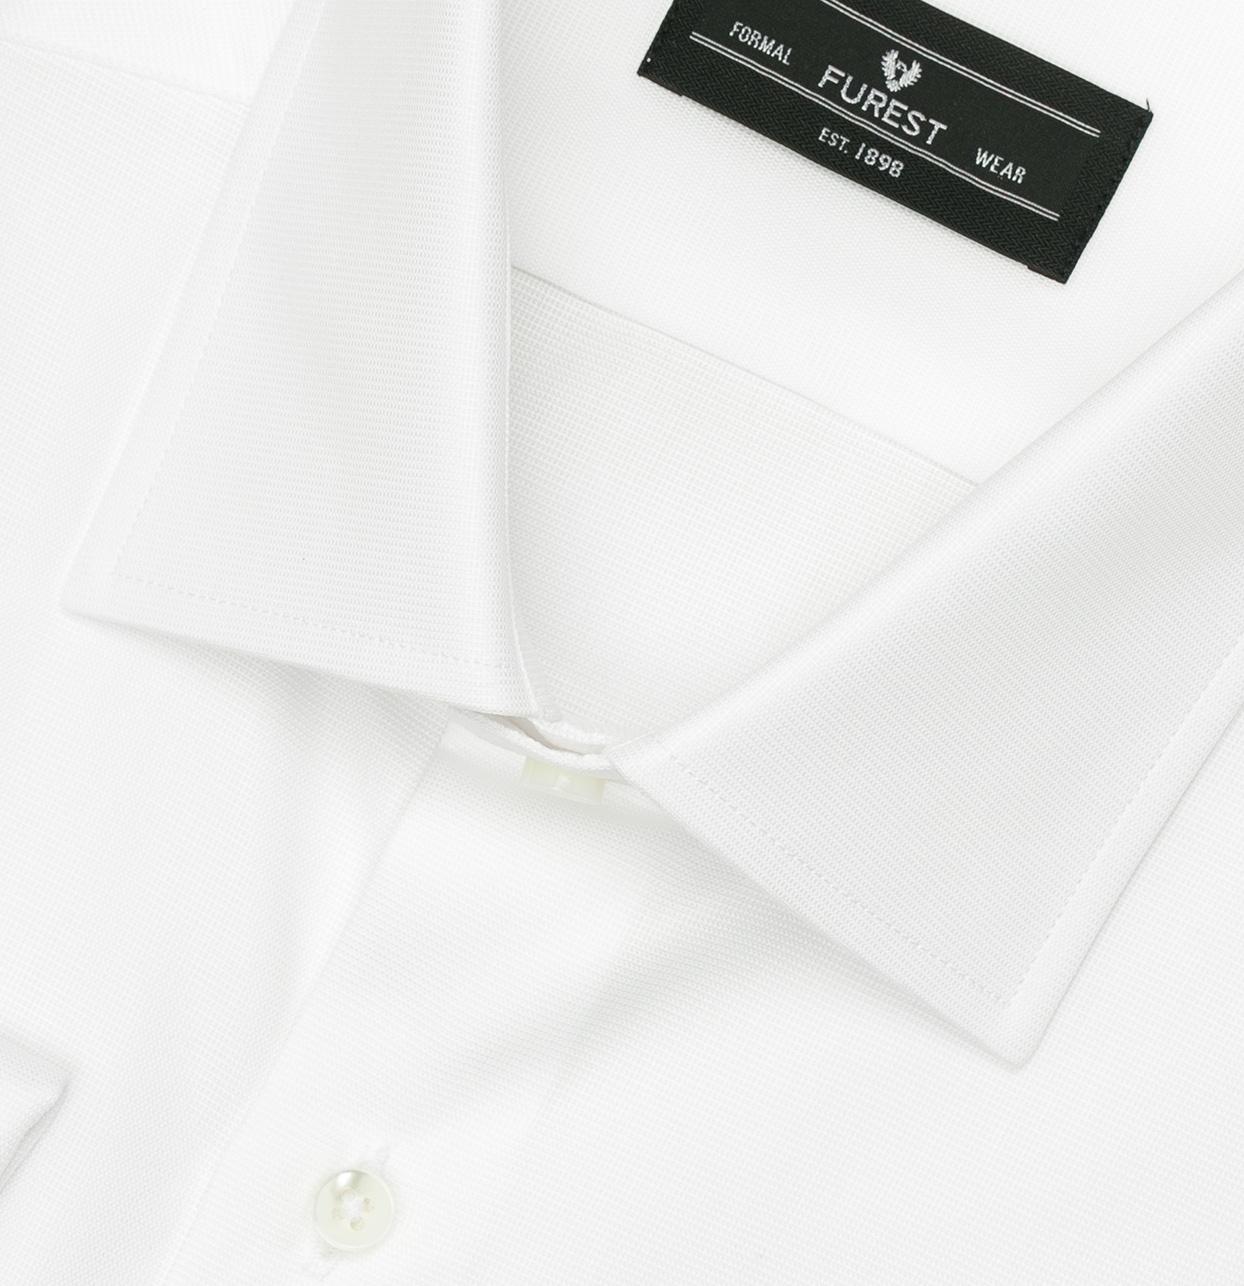 Camisa Formal Wear REGULAR FIT cuello Italiano y puño doble modelo ROMA tejido micro textura color blanco, 100% Algodón. - Ítem1